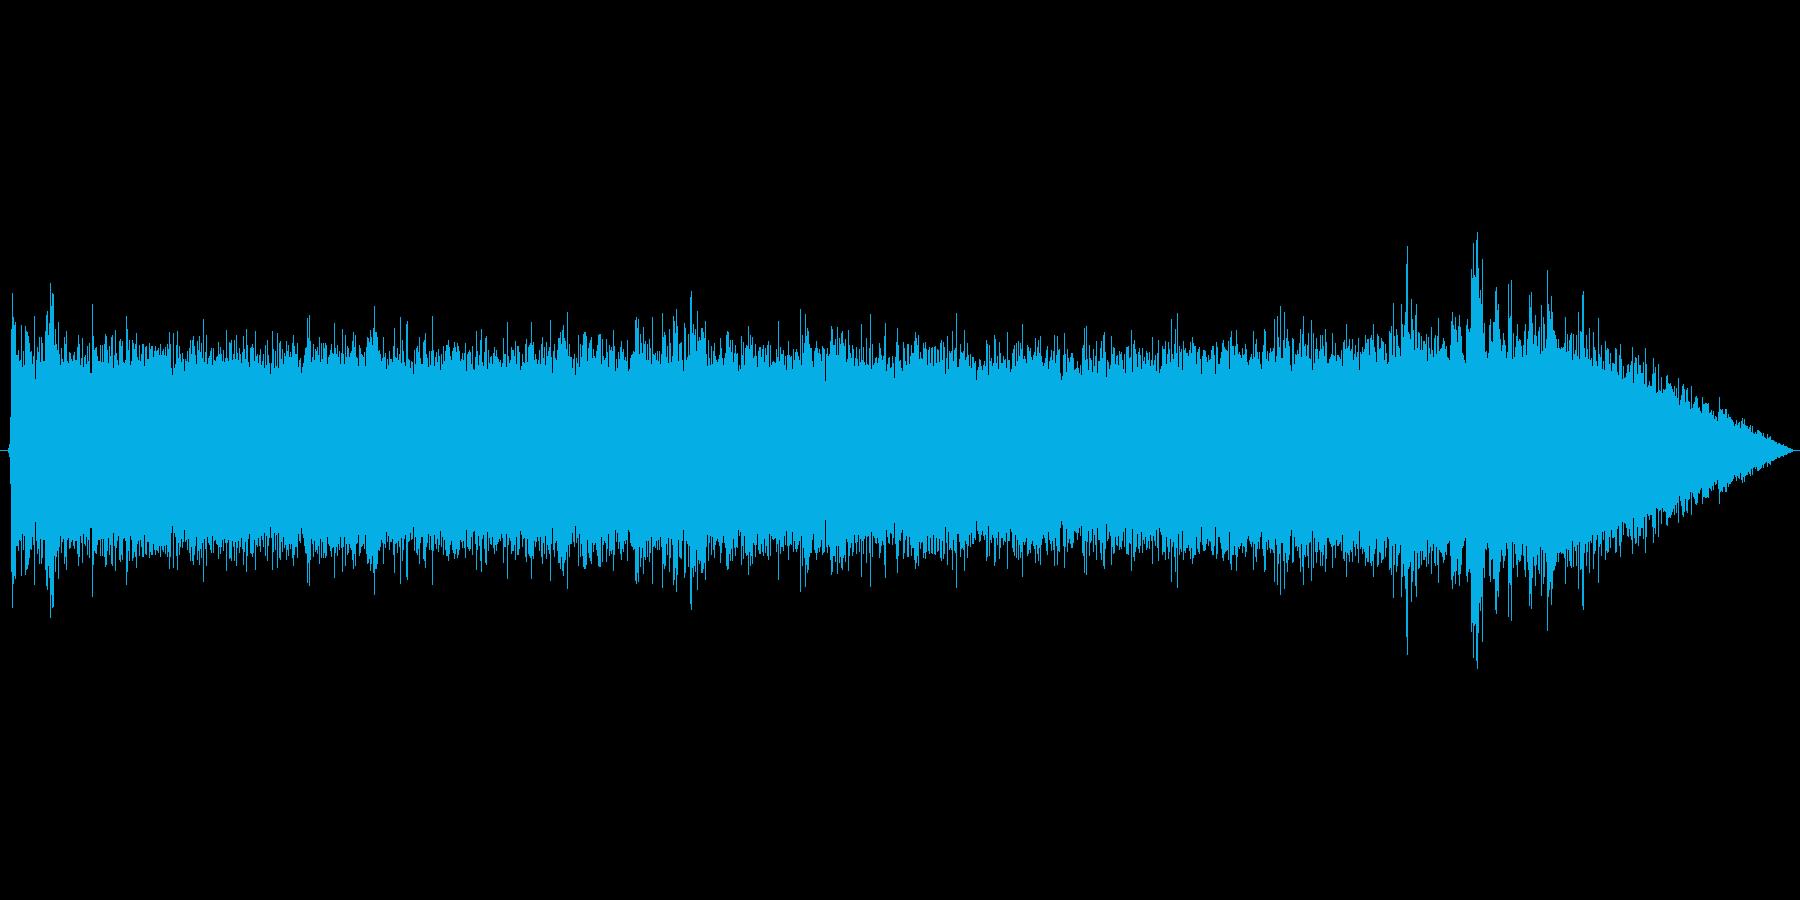 山の水辺の環境音 の再生済みの波形